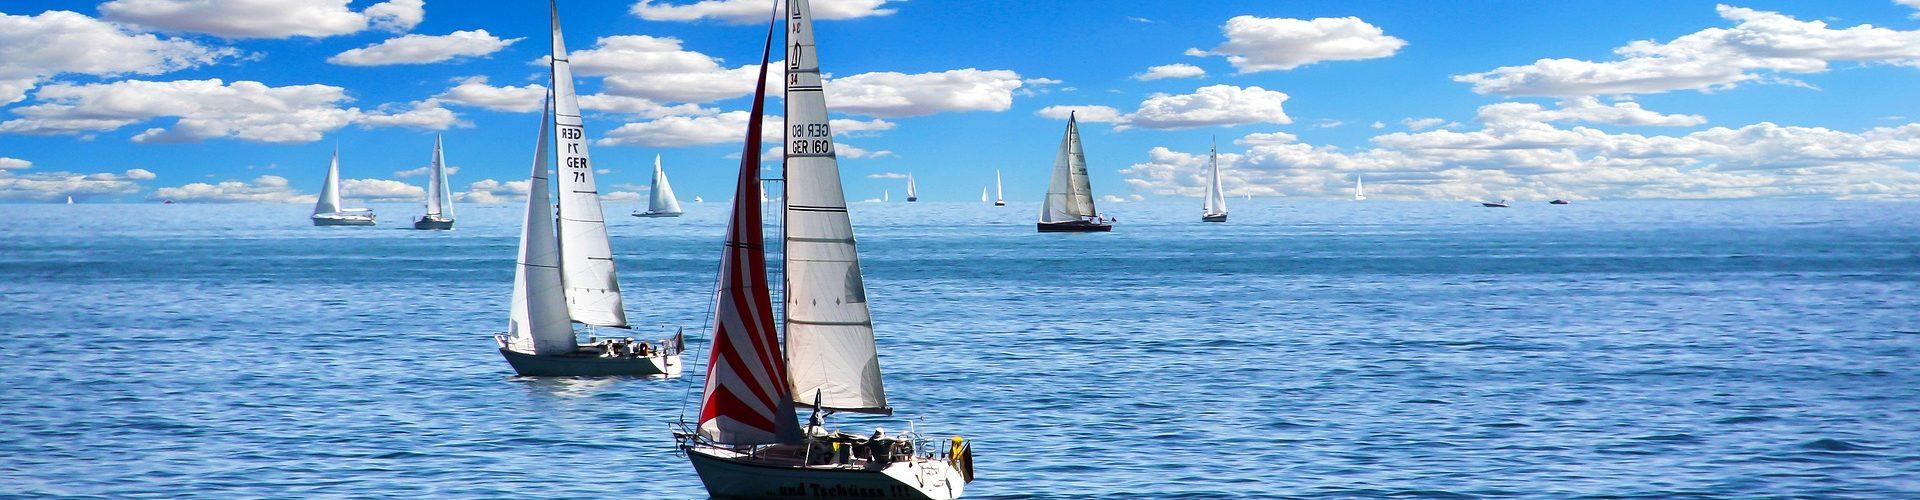 segeln lernen in Pirna segelschein machen in Pirna 1920x500 - Segeln lernen in Pirna